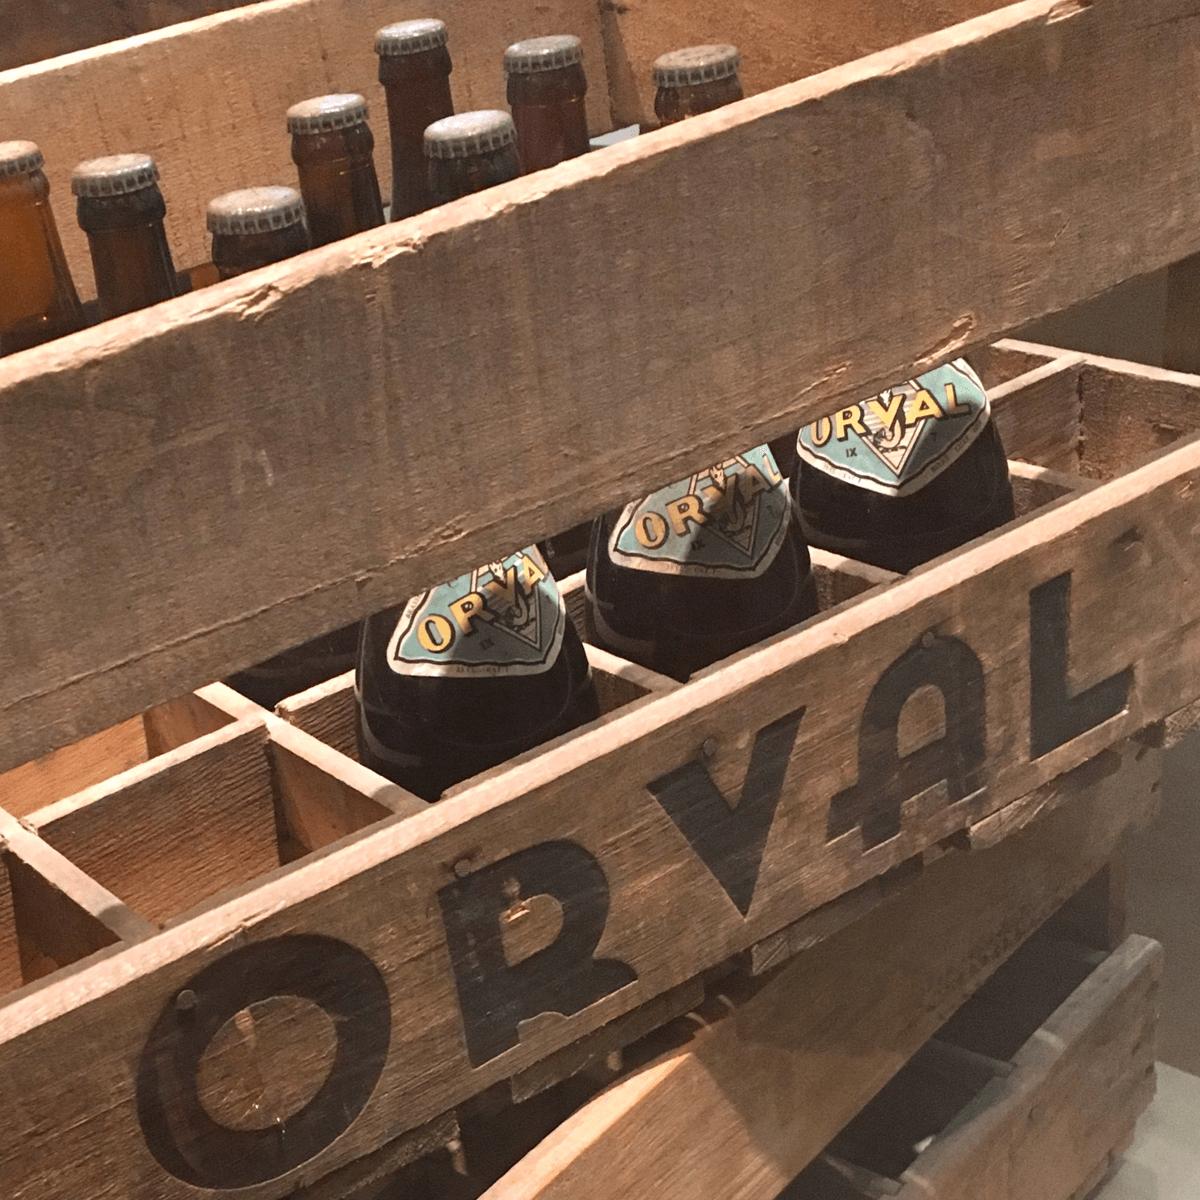 La bière Orval peut très bien se vieillir en cave et se bonifie avec le temps, comme un grand cru